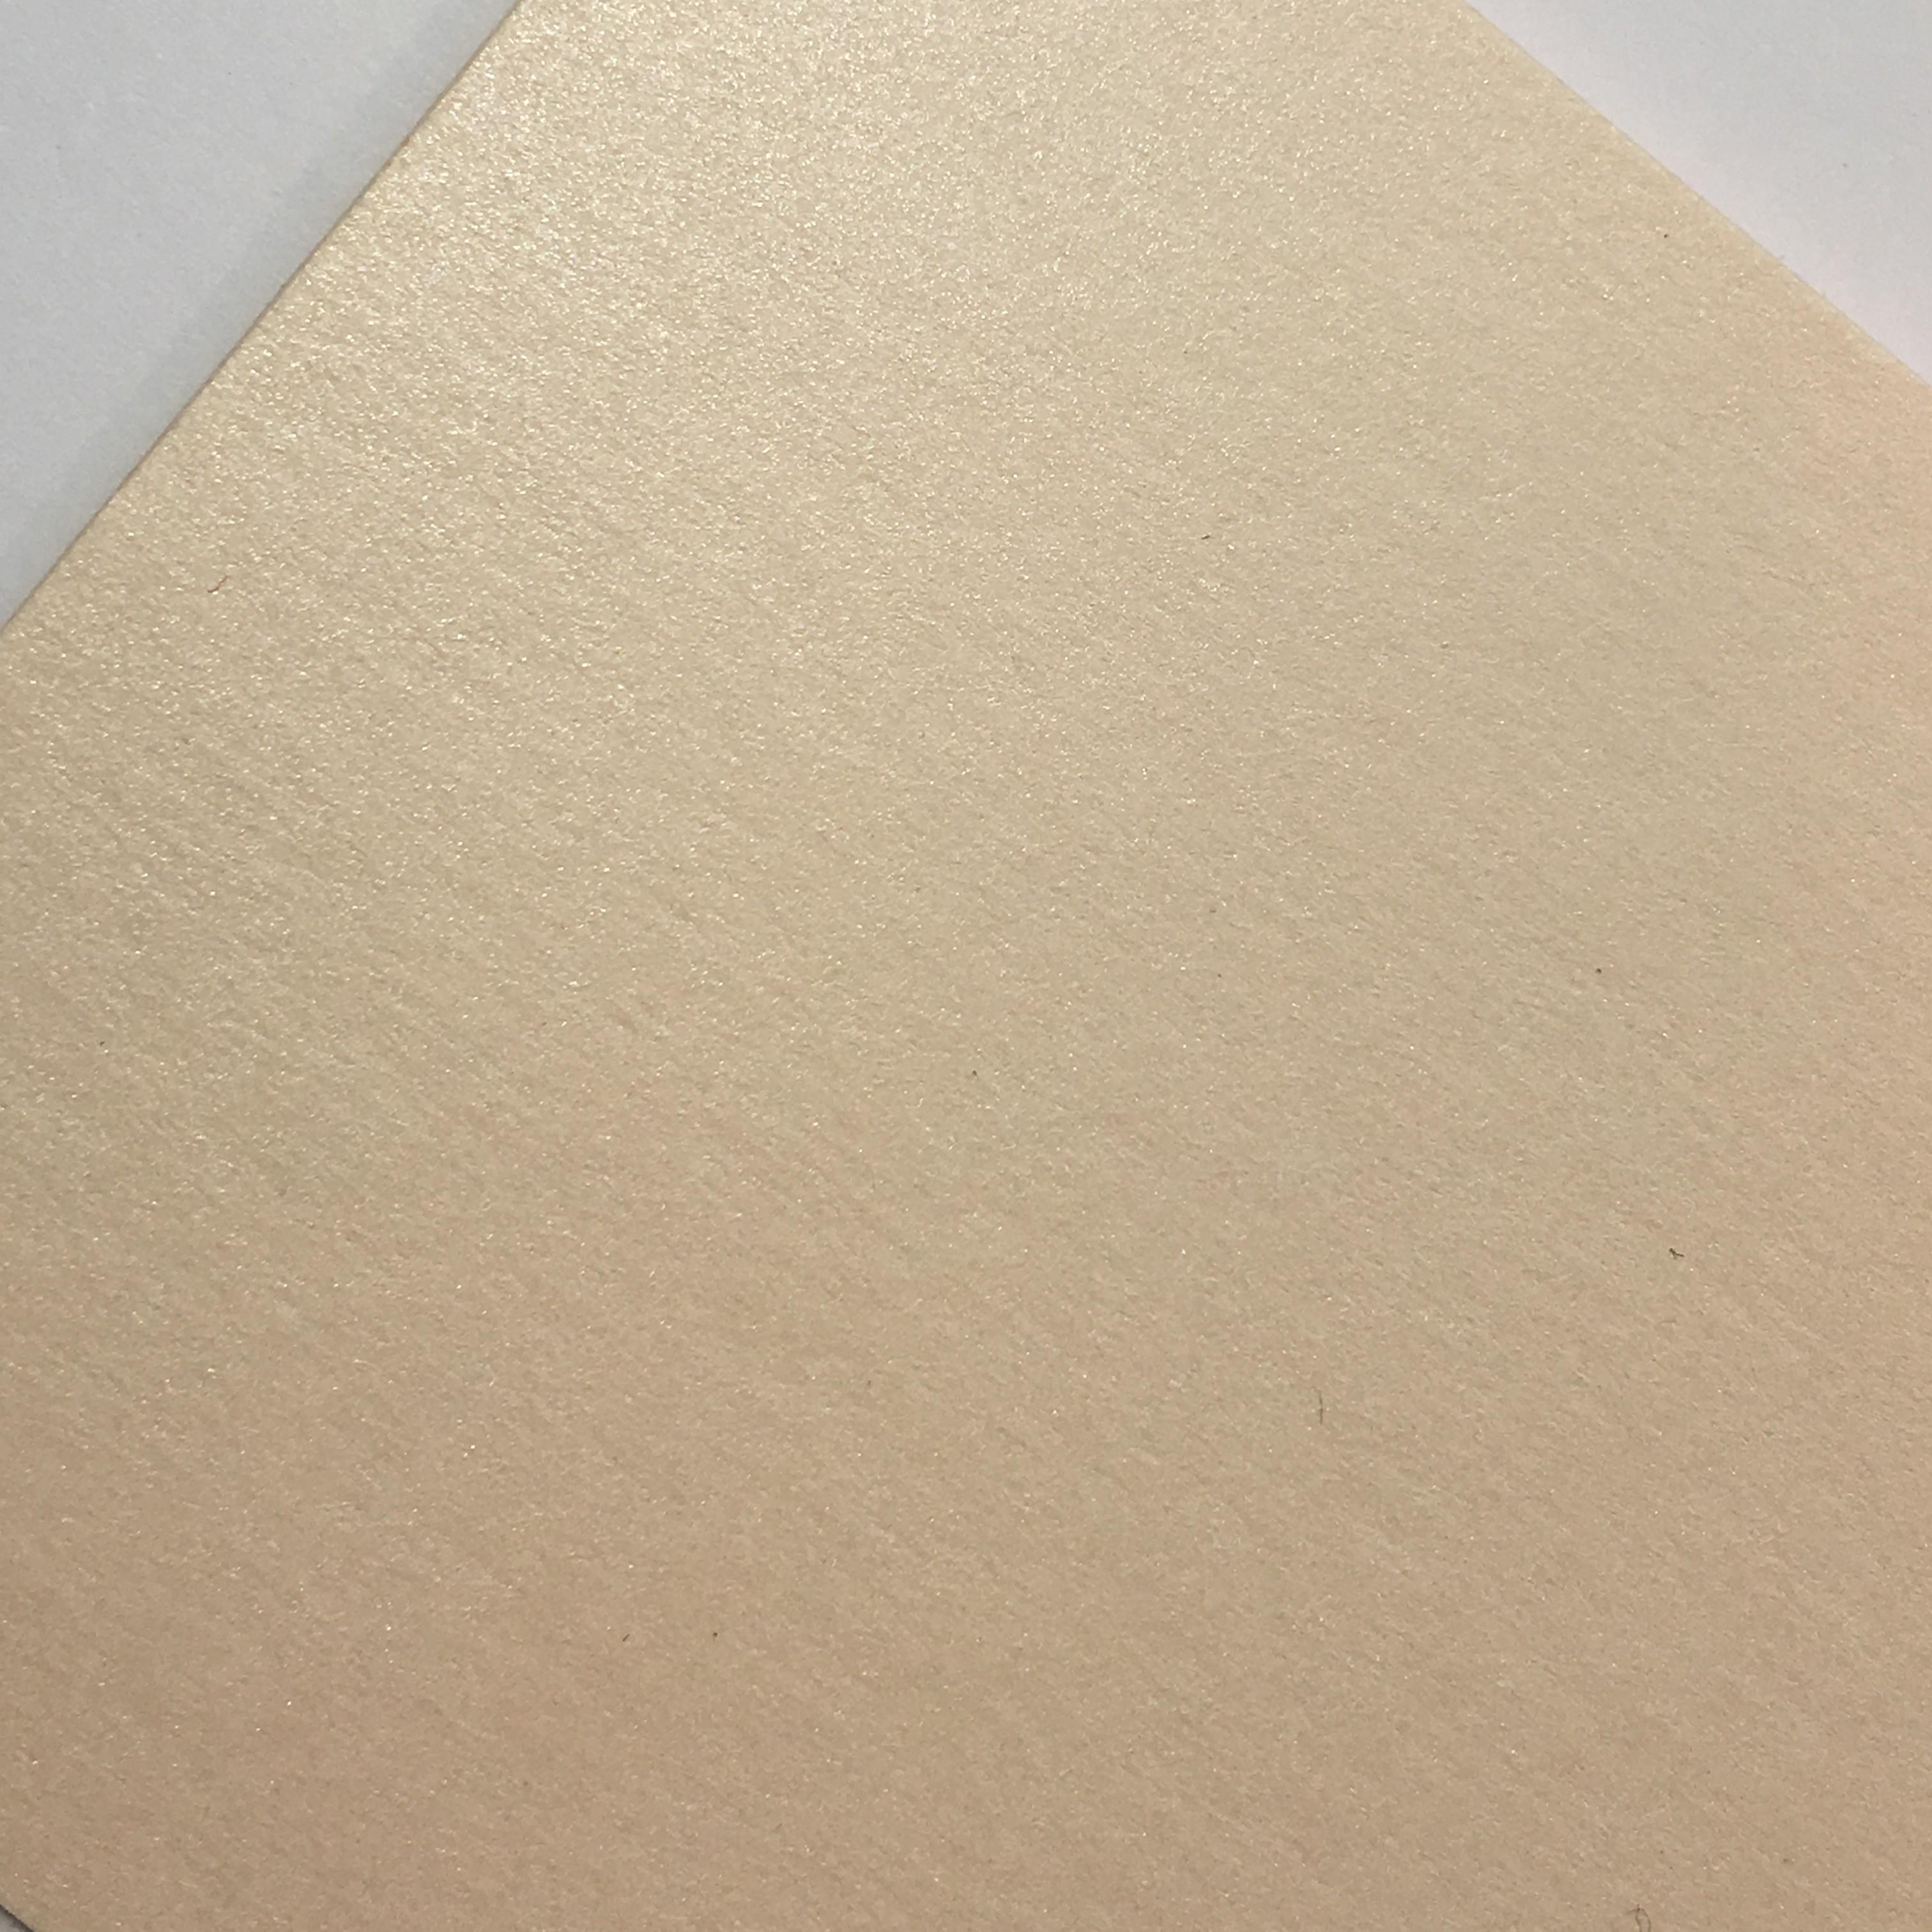 Бумага Stardream coral металлизированный, 120г/м2, 30x30